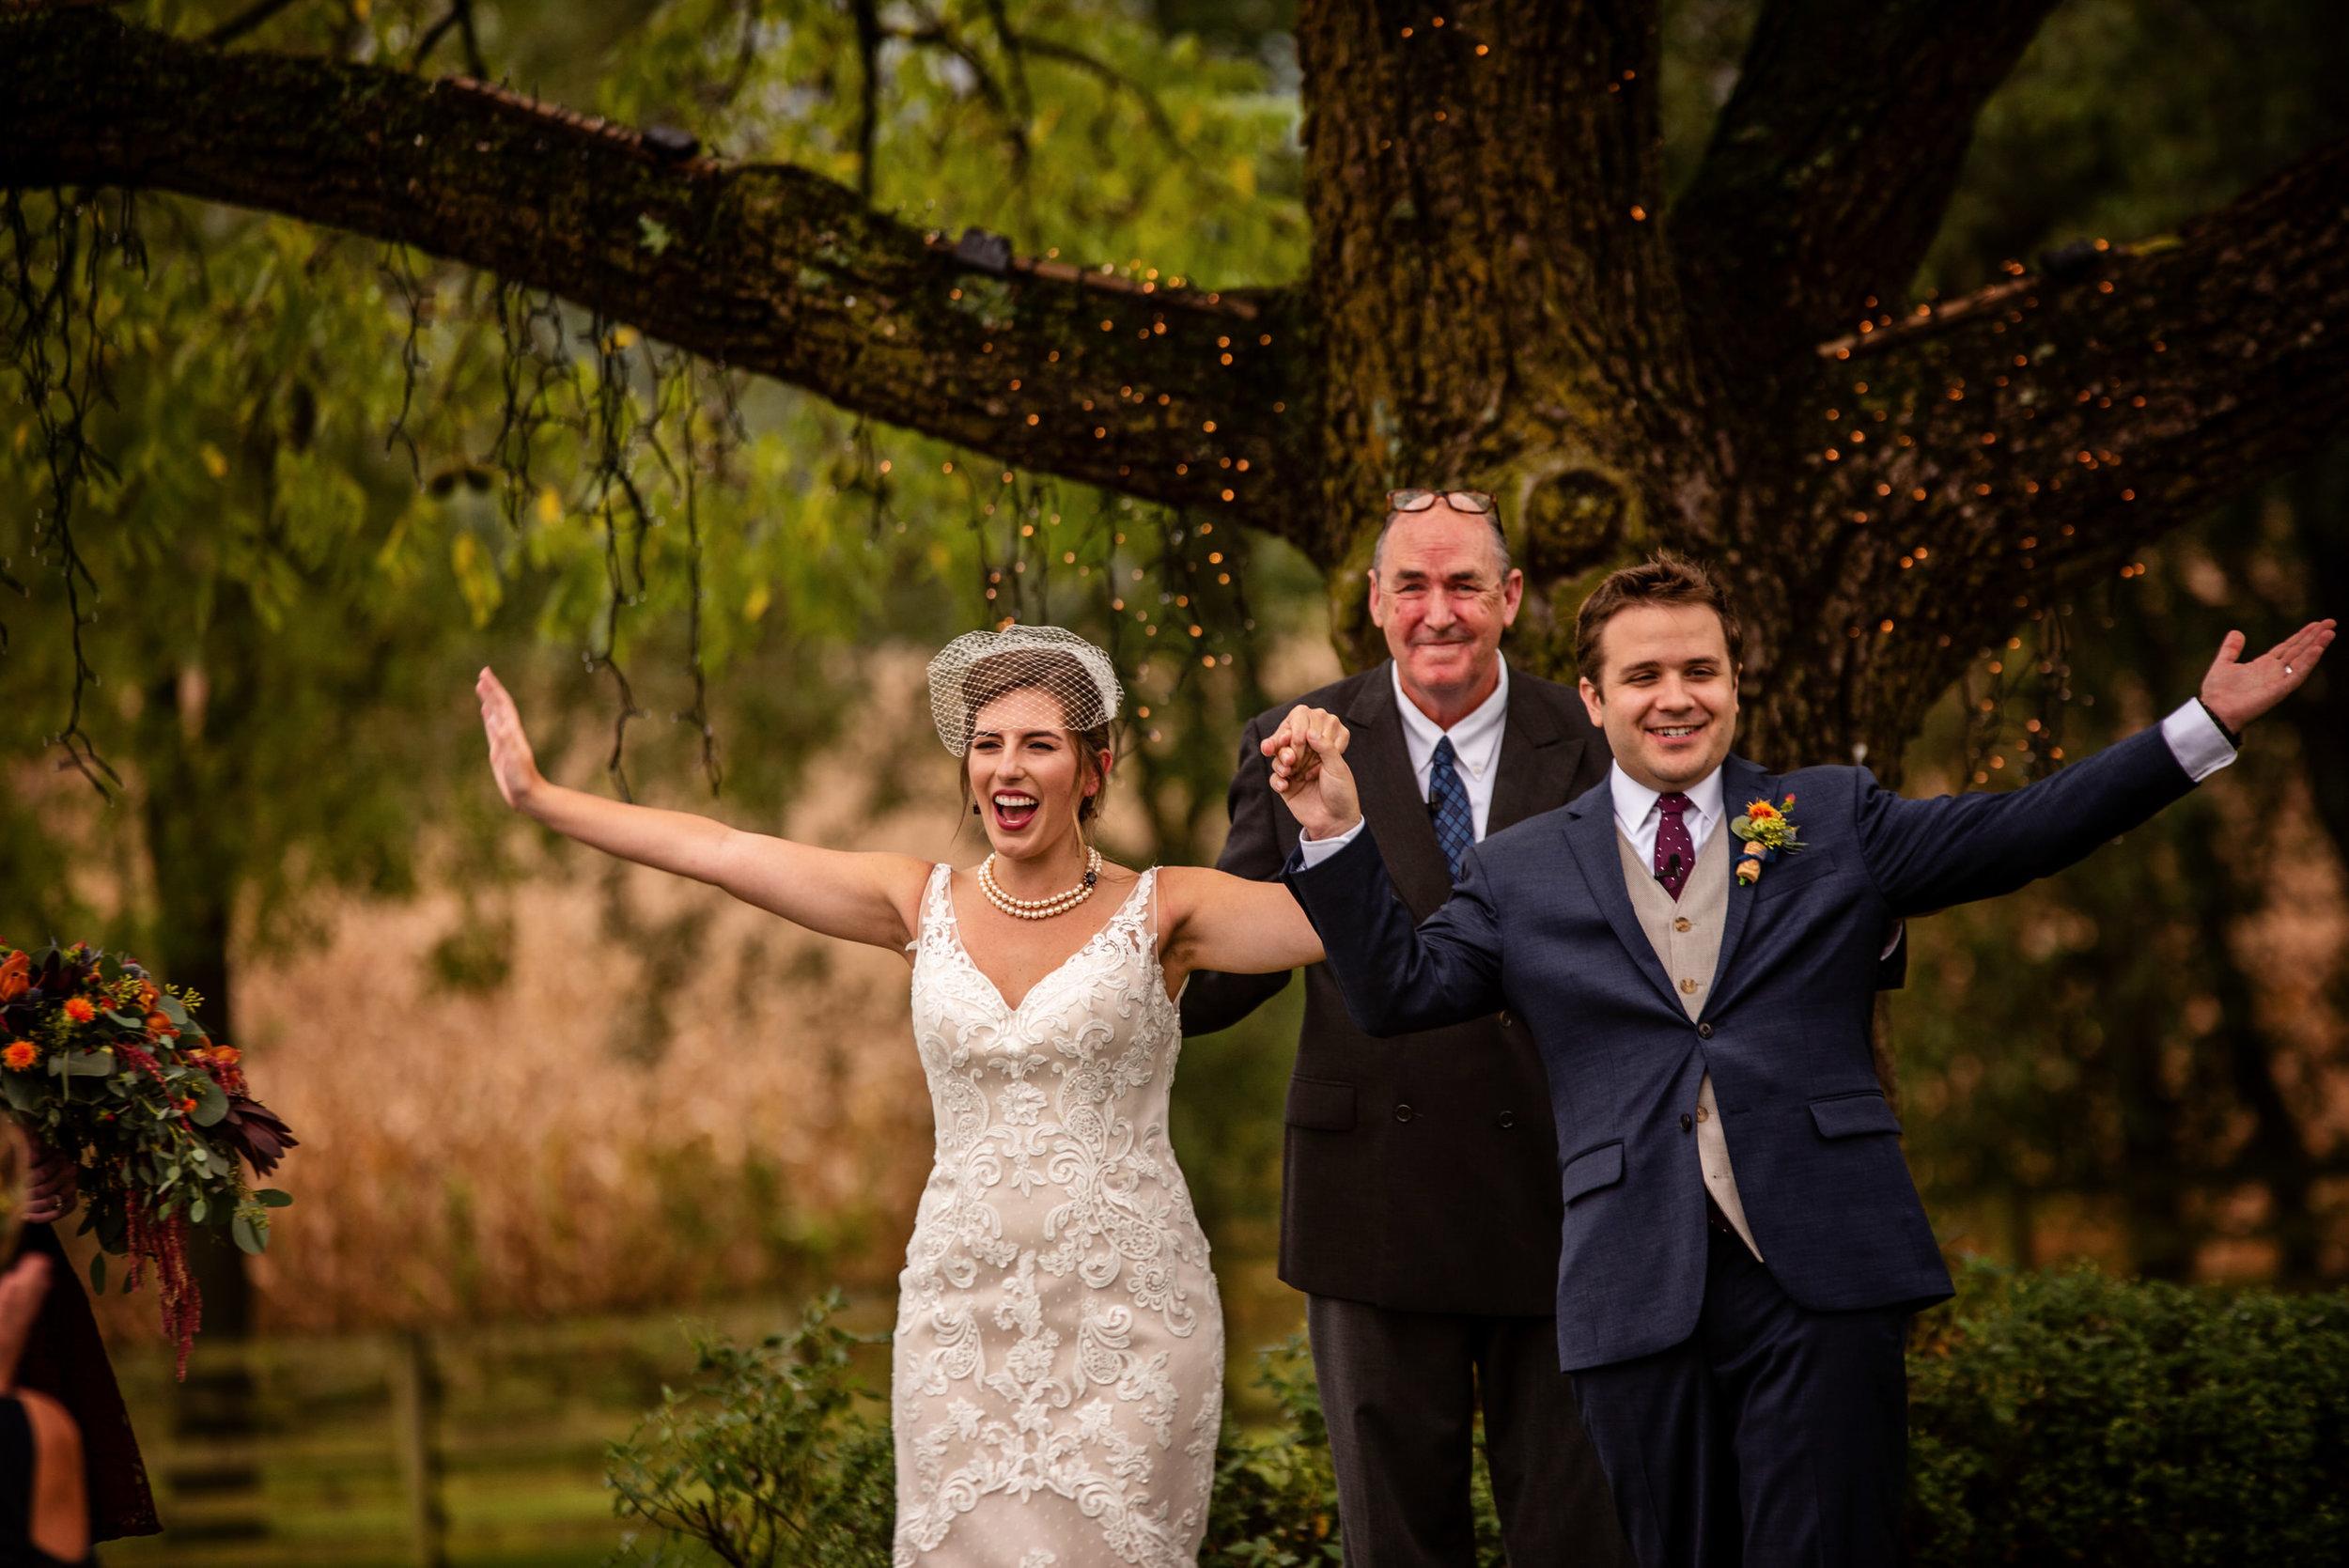 WalkersOverlookWedding-Angela&Ben-Ceremony-33.jpg